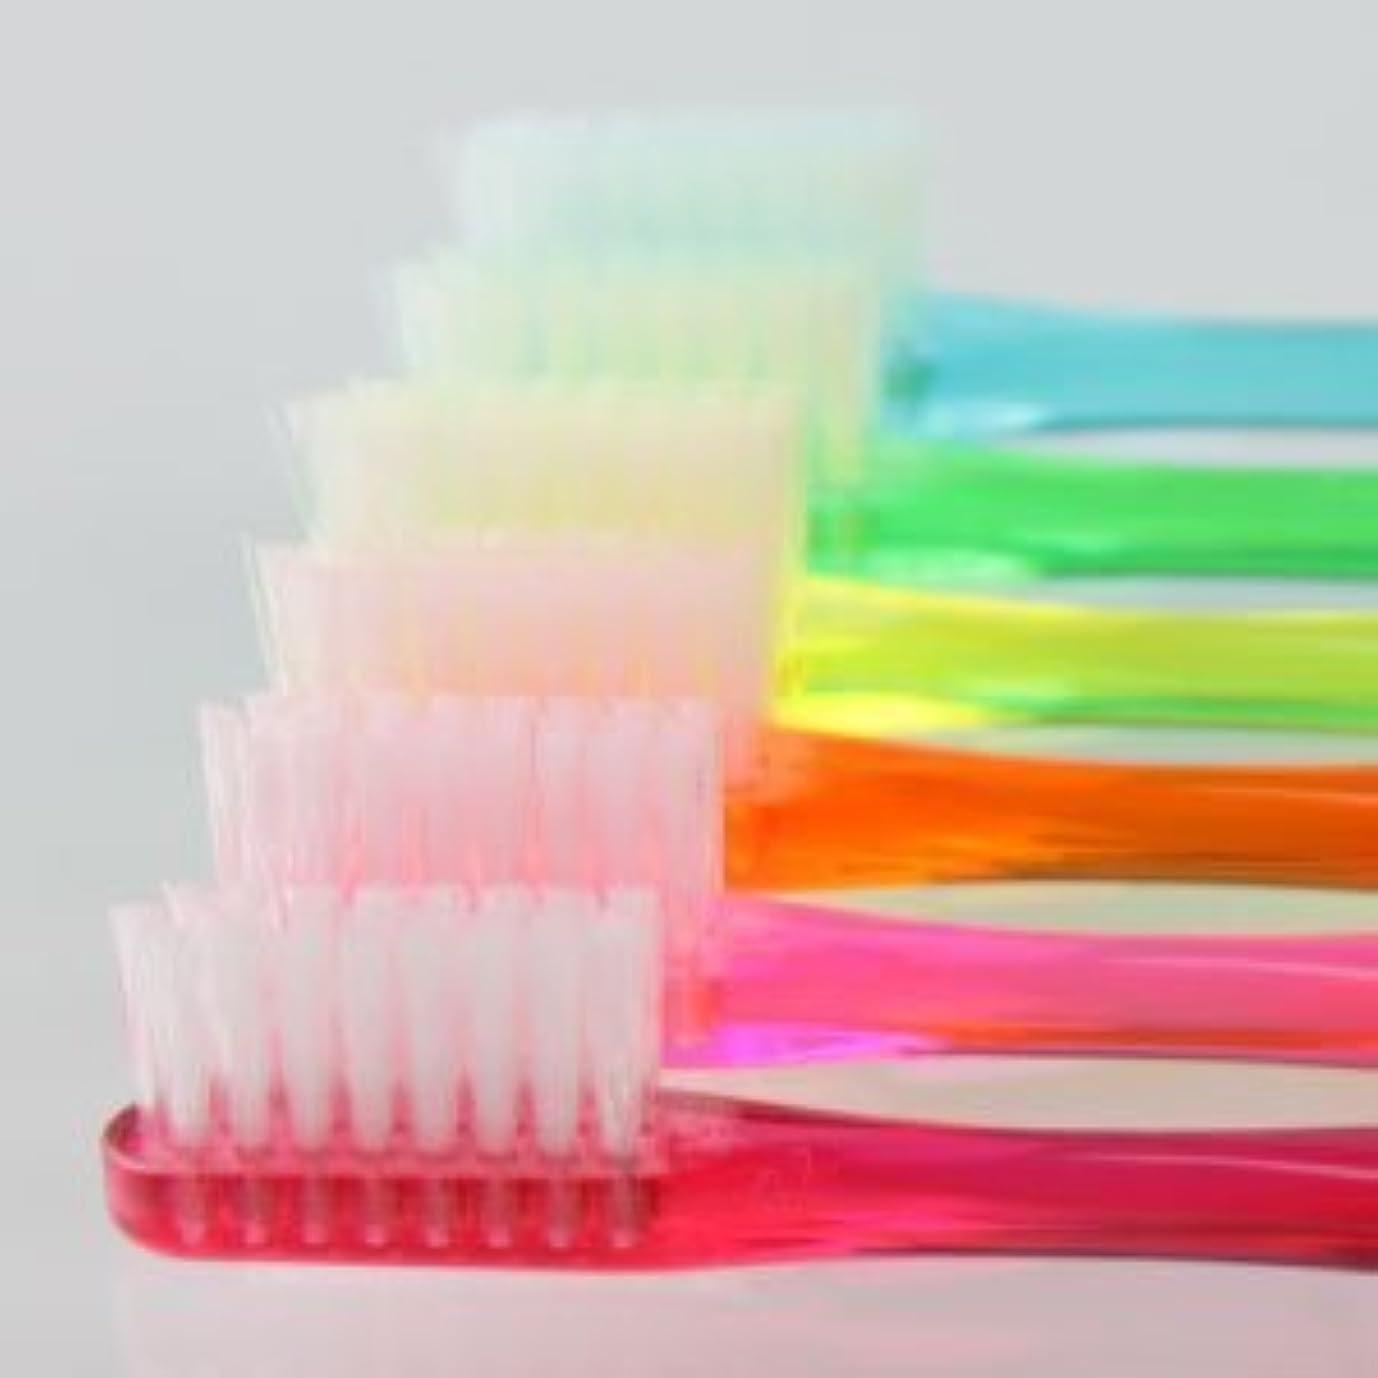 フローティング申請者リッチサムフレンド 歯ブラシ #21(ミディアム) 6本 ※お色は当店お任せです